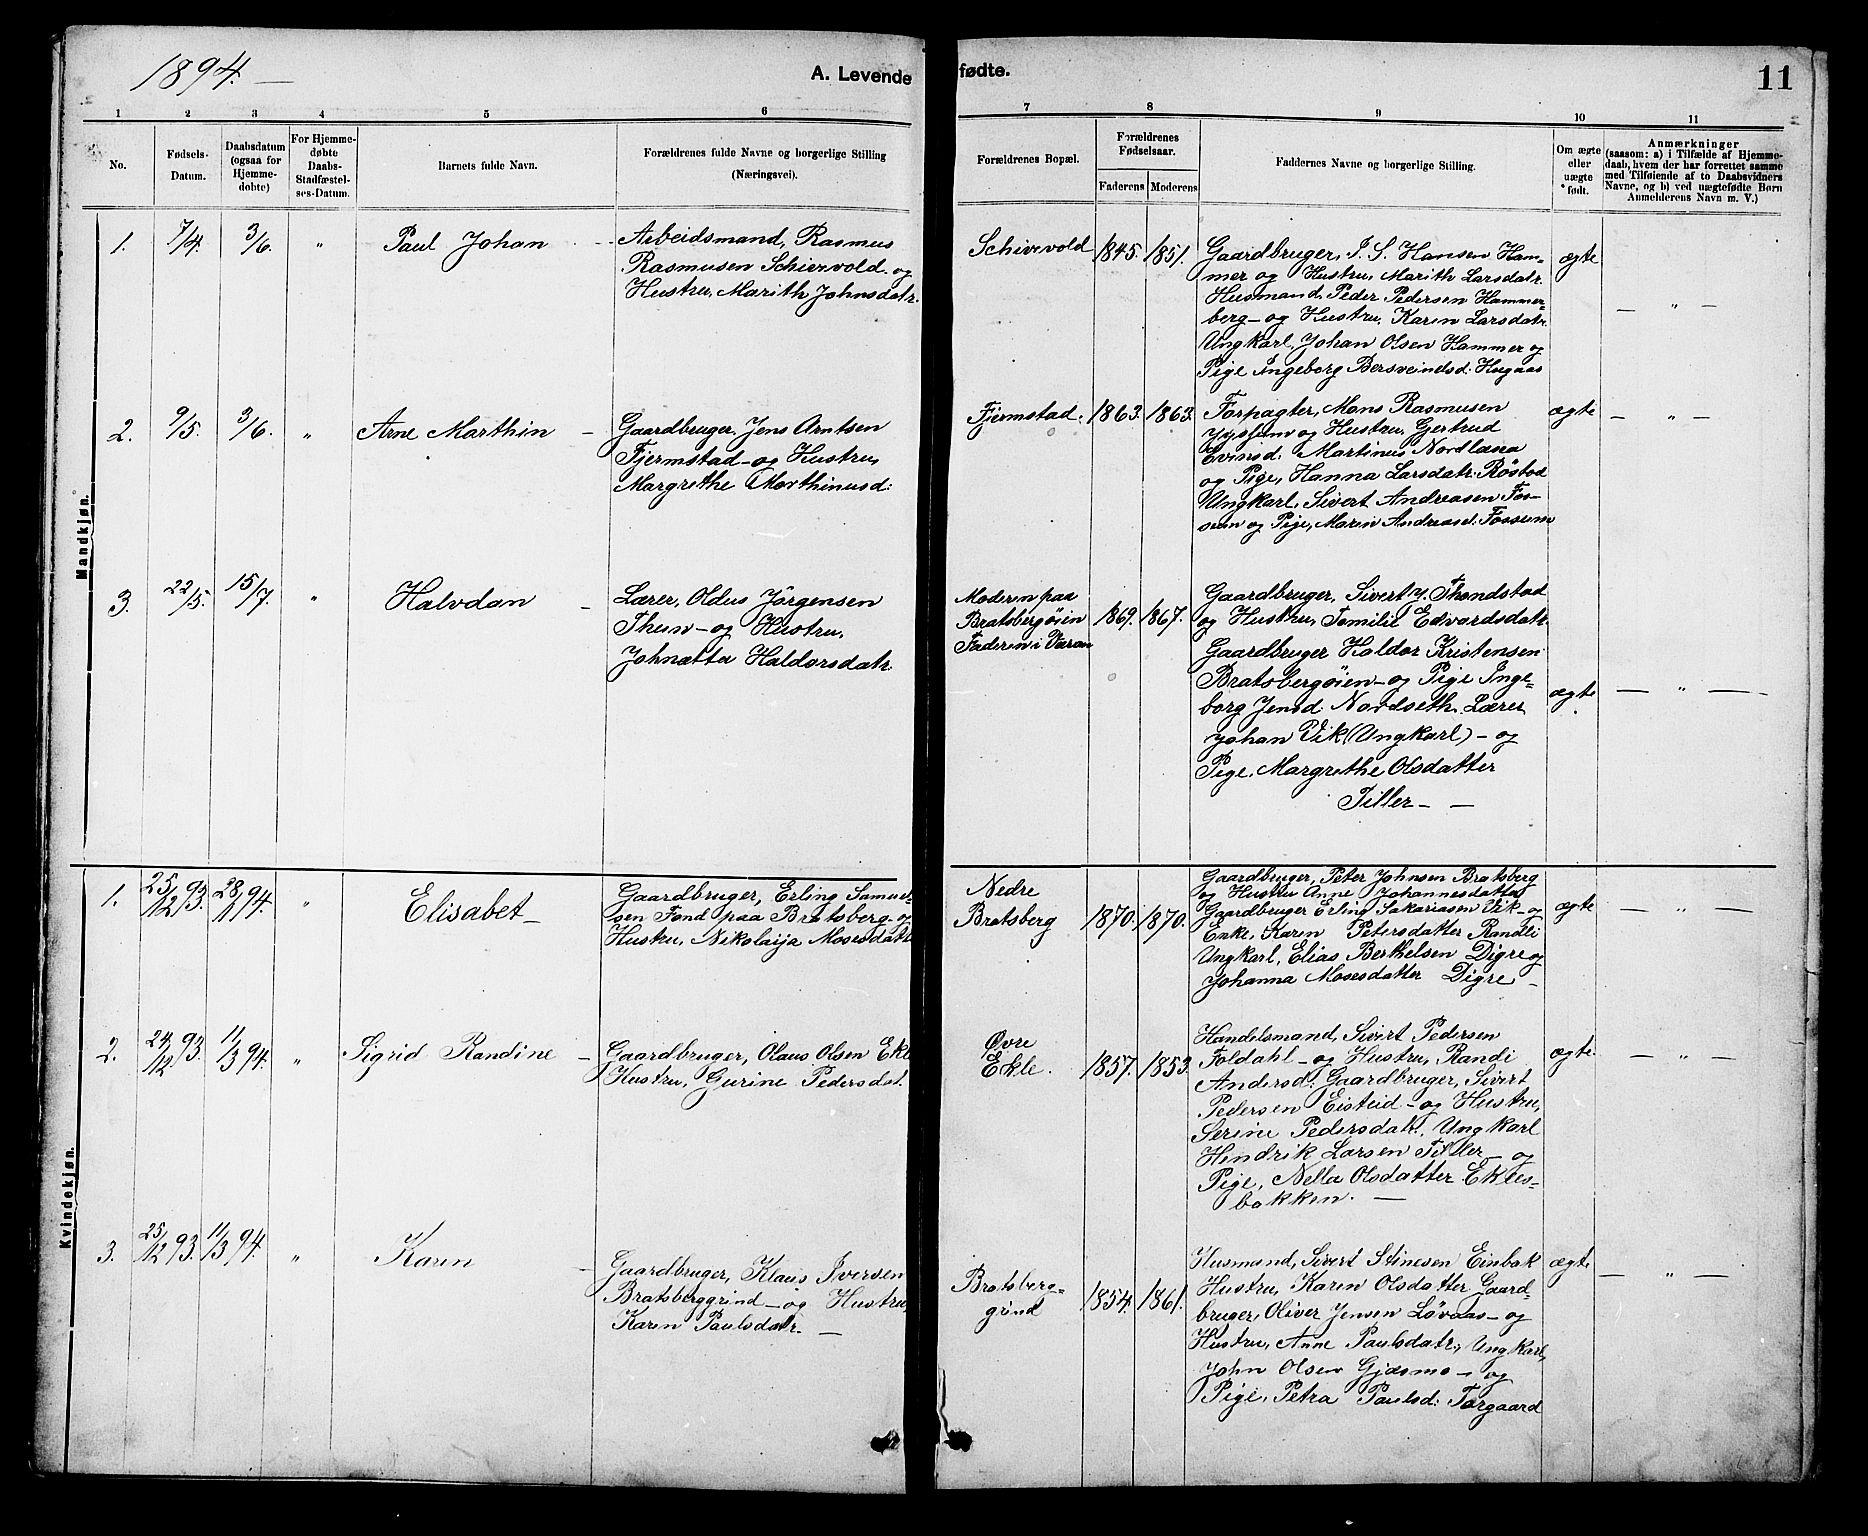 SAT, Ministerialprotokoller, klokkerbøker og fødselsregistre - Sør-Trøndelag, 608/L0341: Klokkerbok nr. 608C07, 1890-1912, s. 11